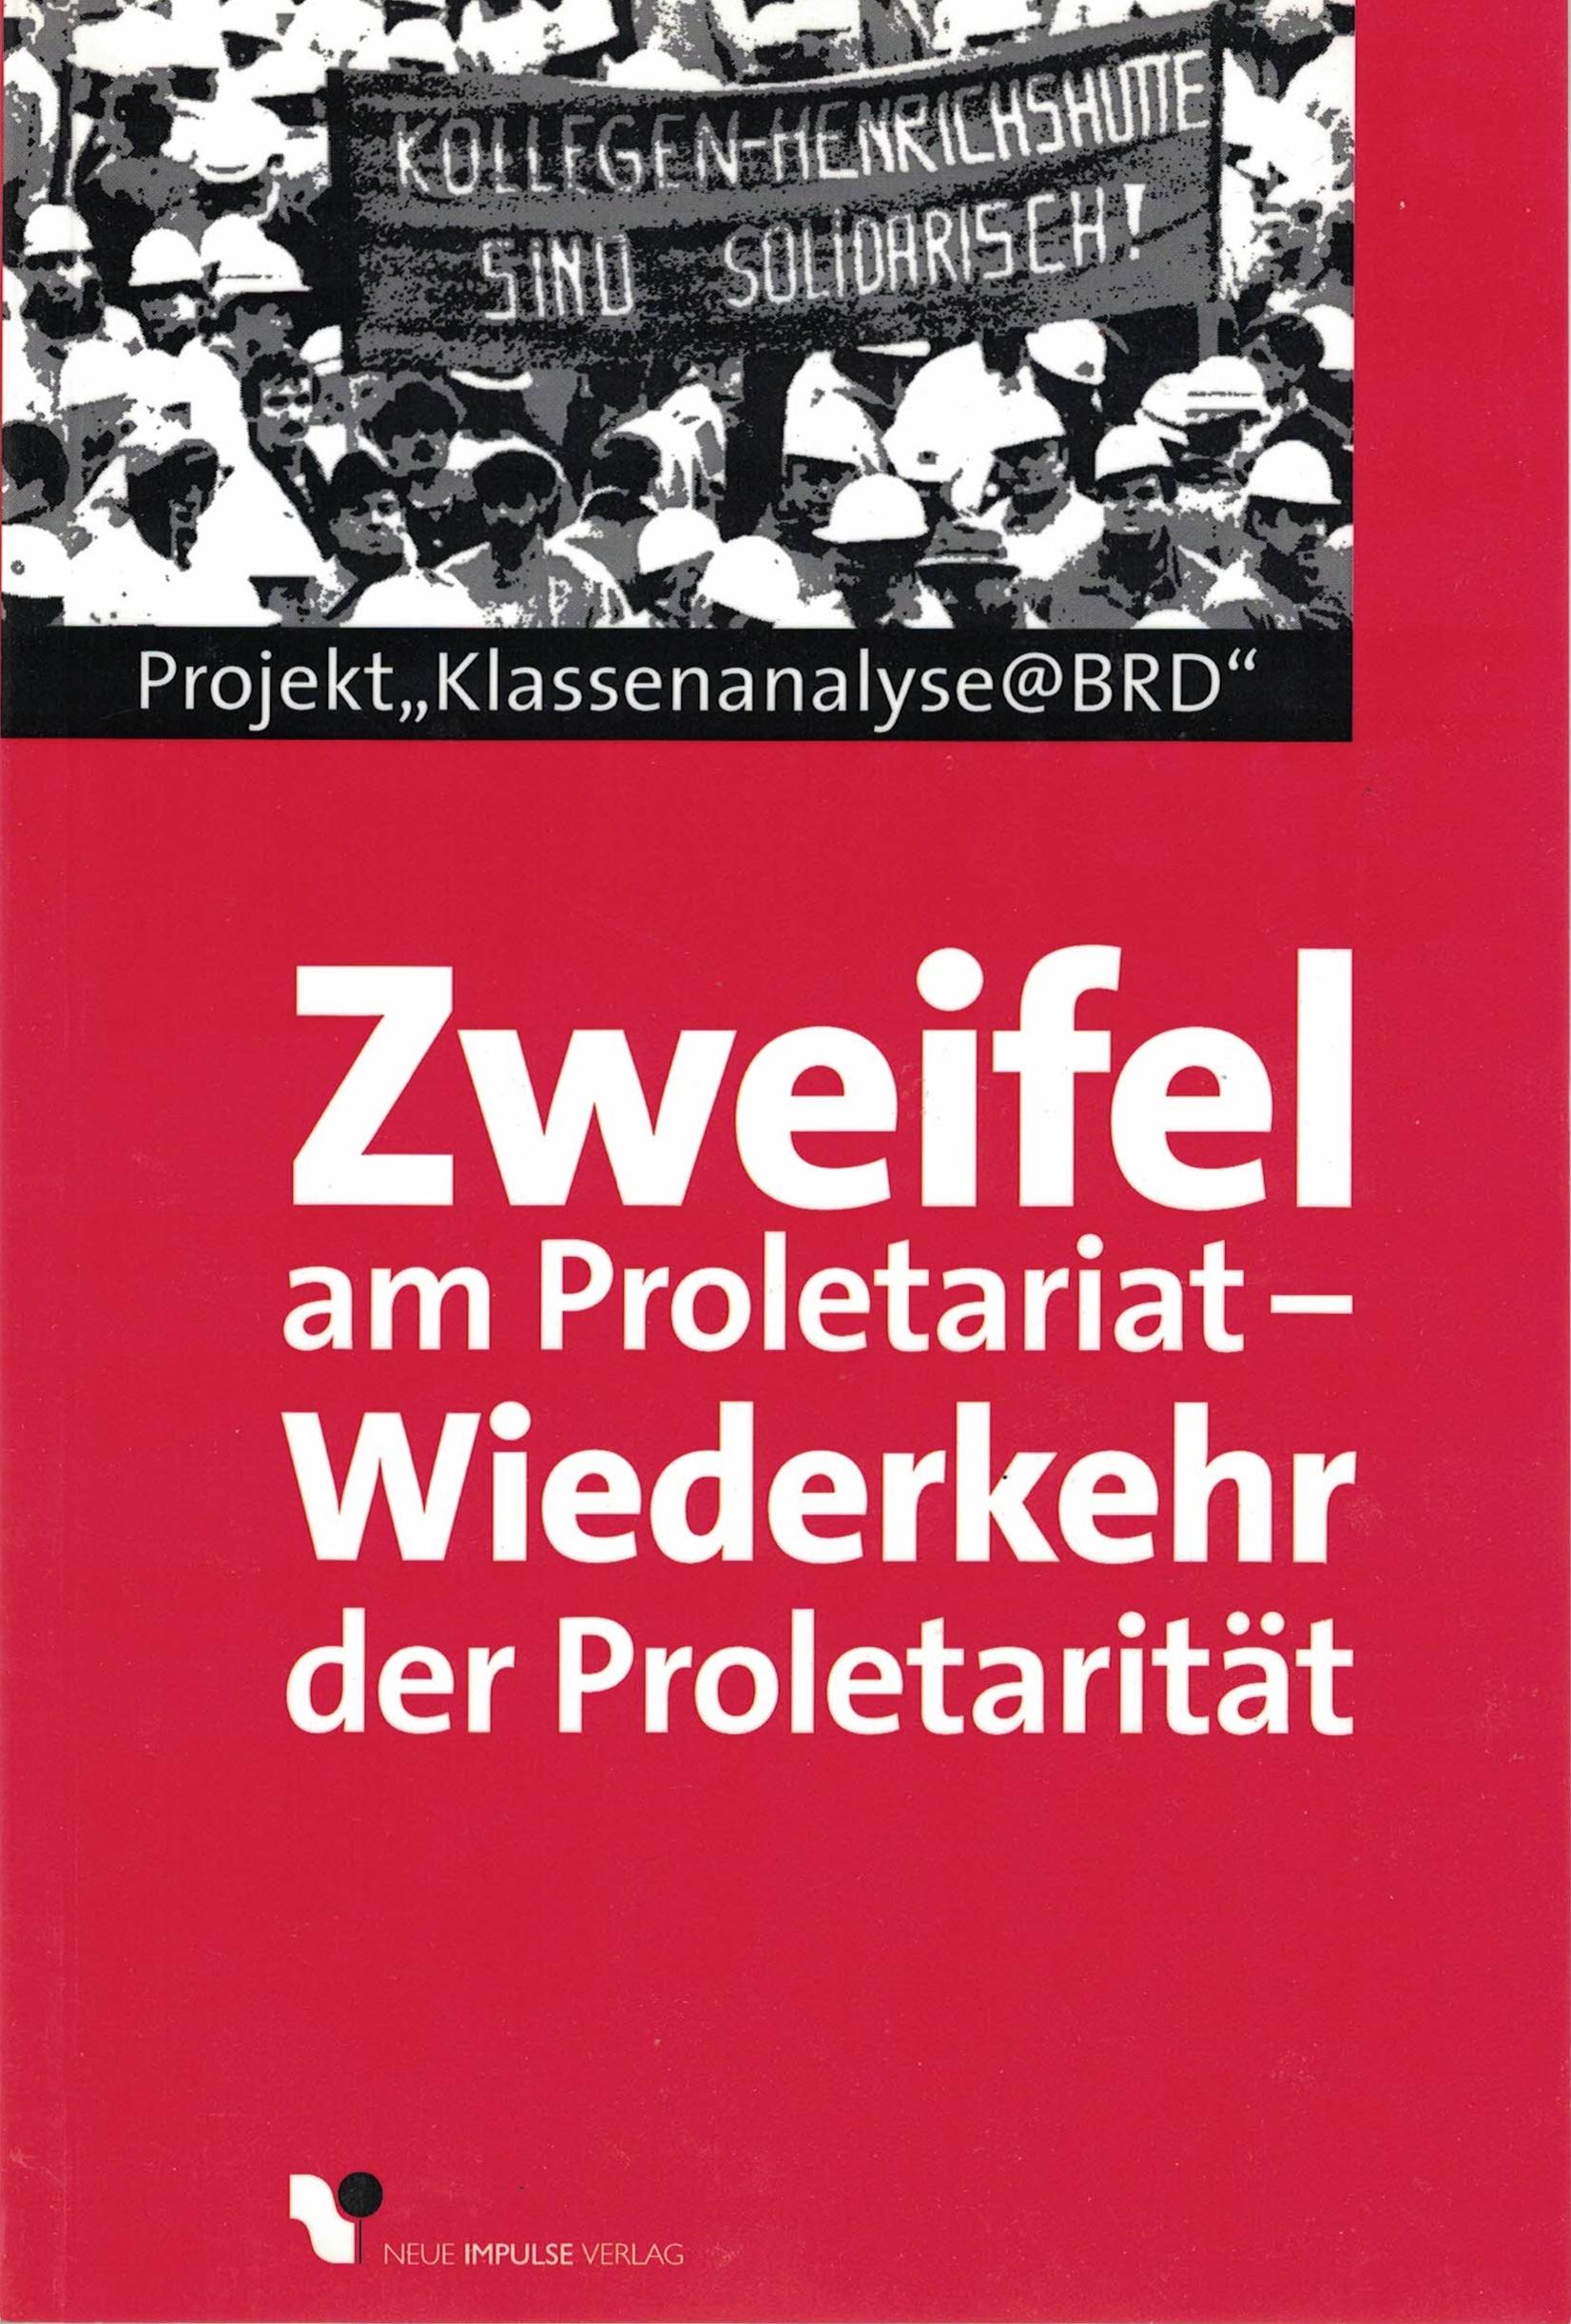 Zweifel am Proletariat - Wiederkehr der Proletarität